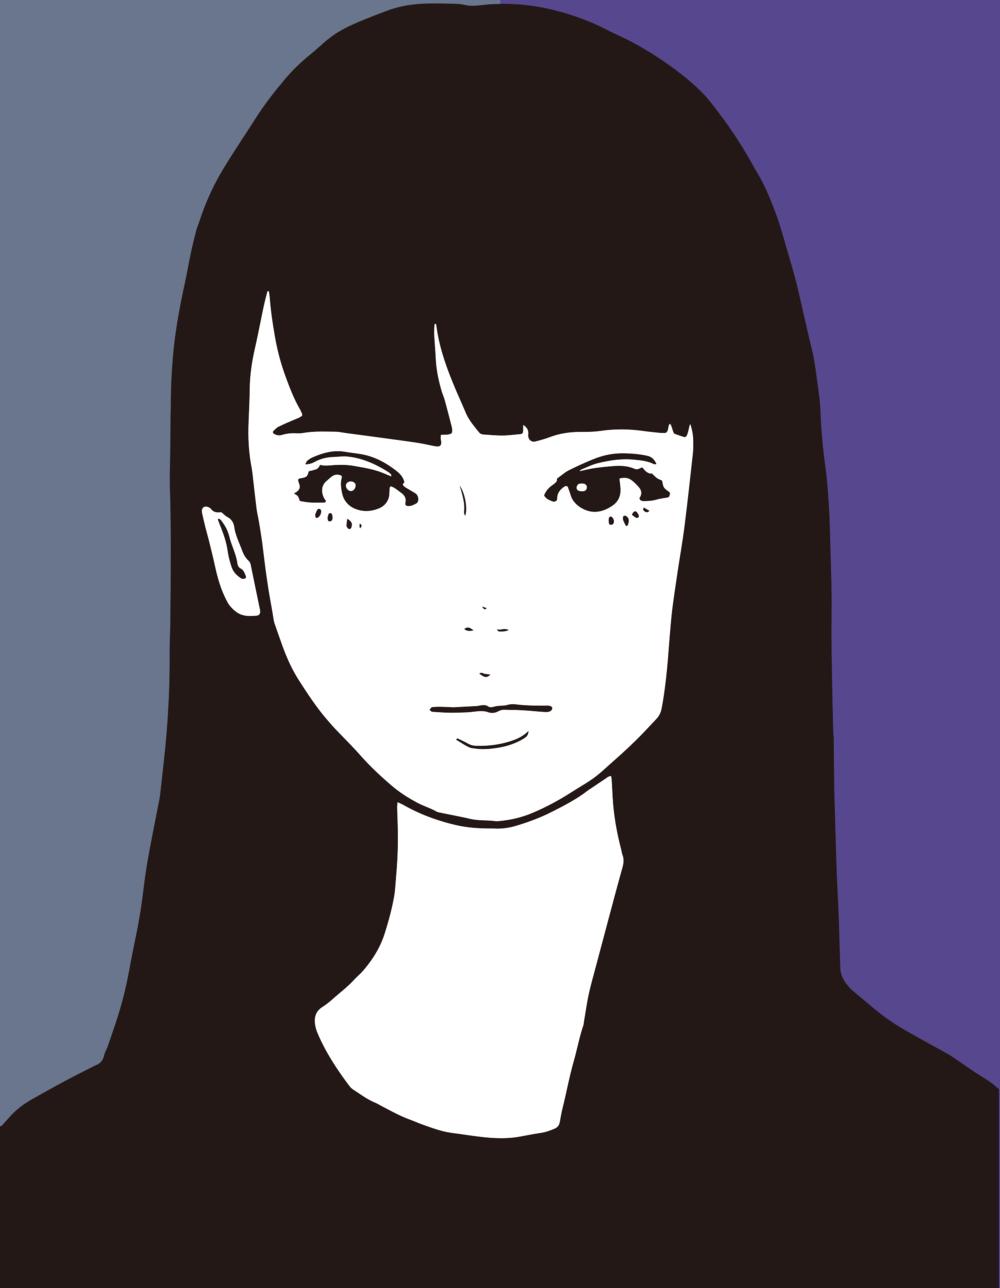 kyne_fukuoka_003.png